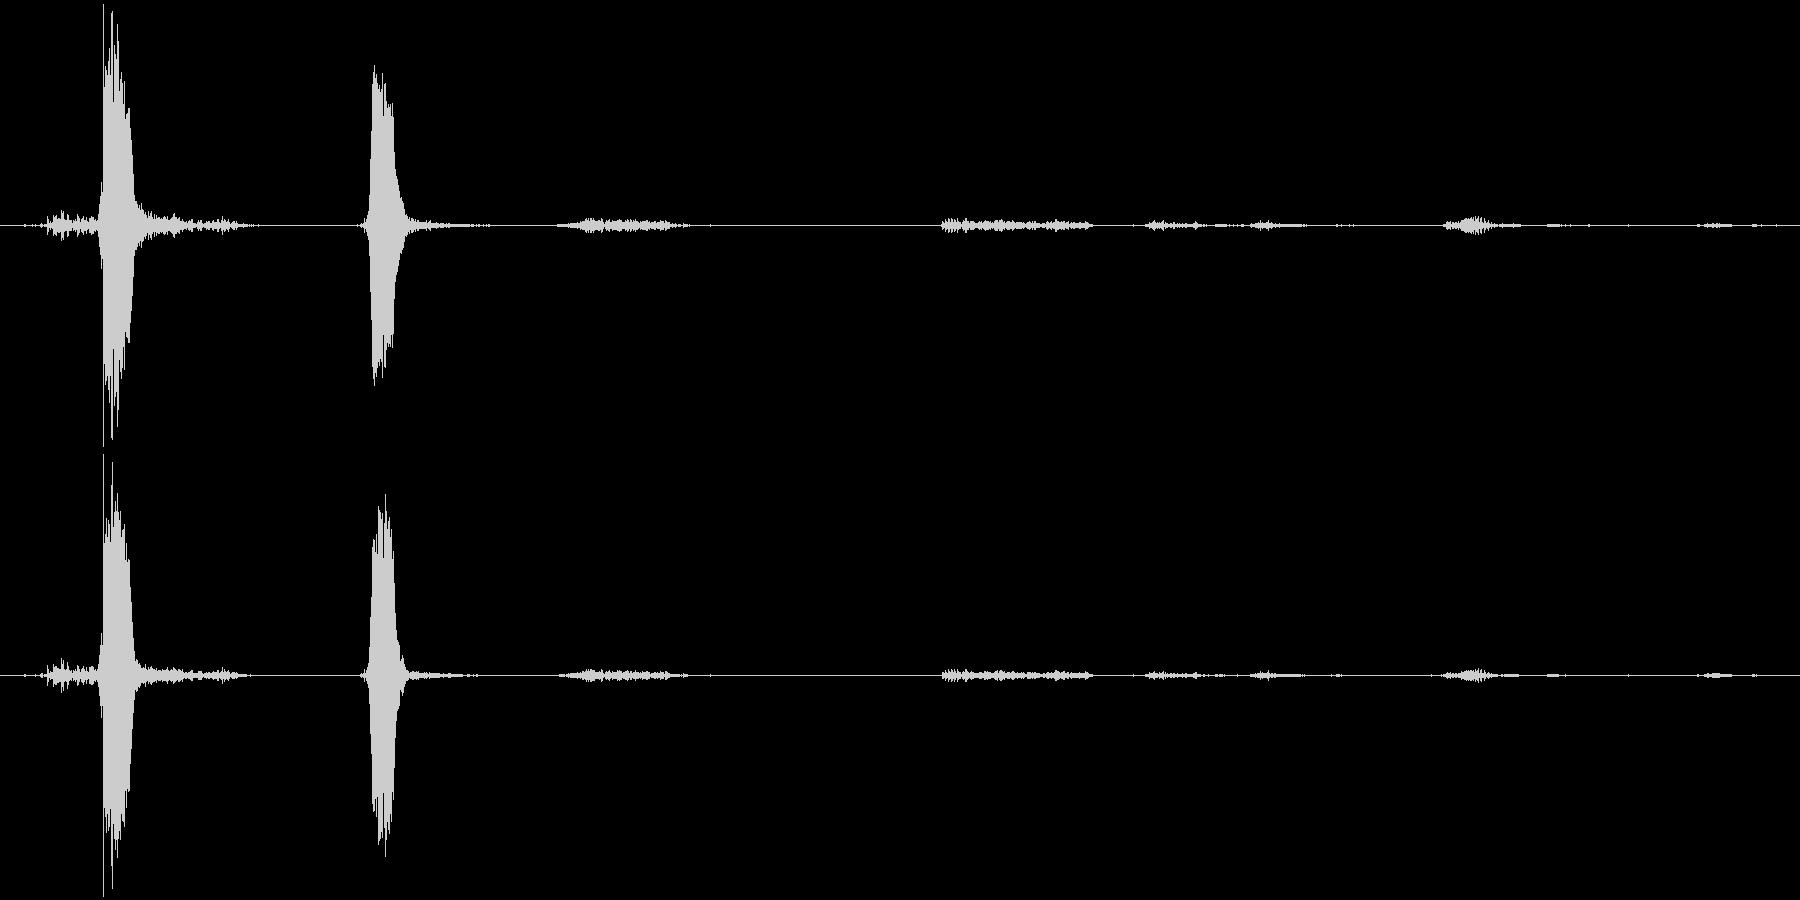 犬 バルディーノミックスバークグロ...の未再生の波形